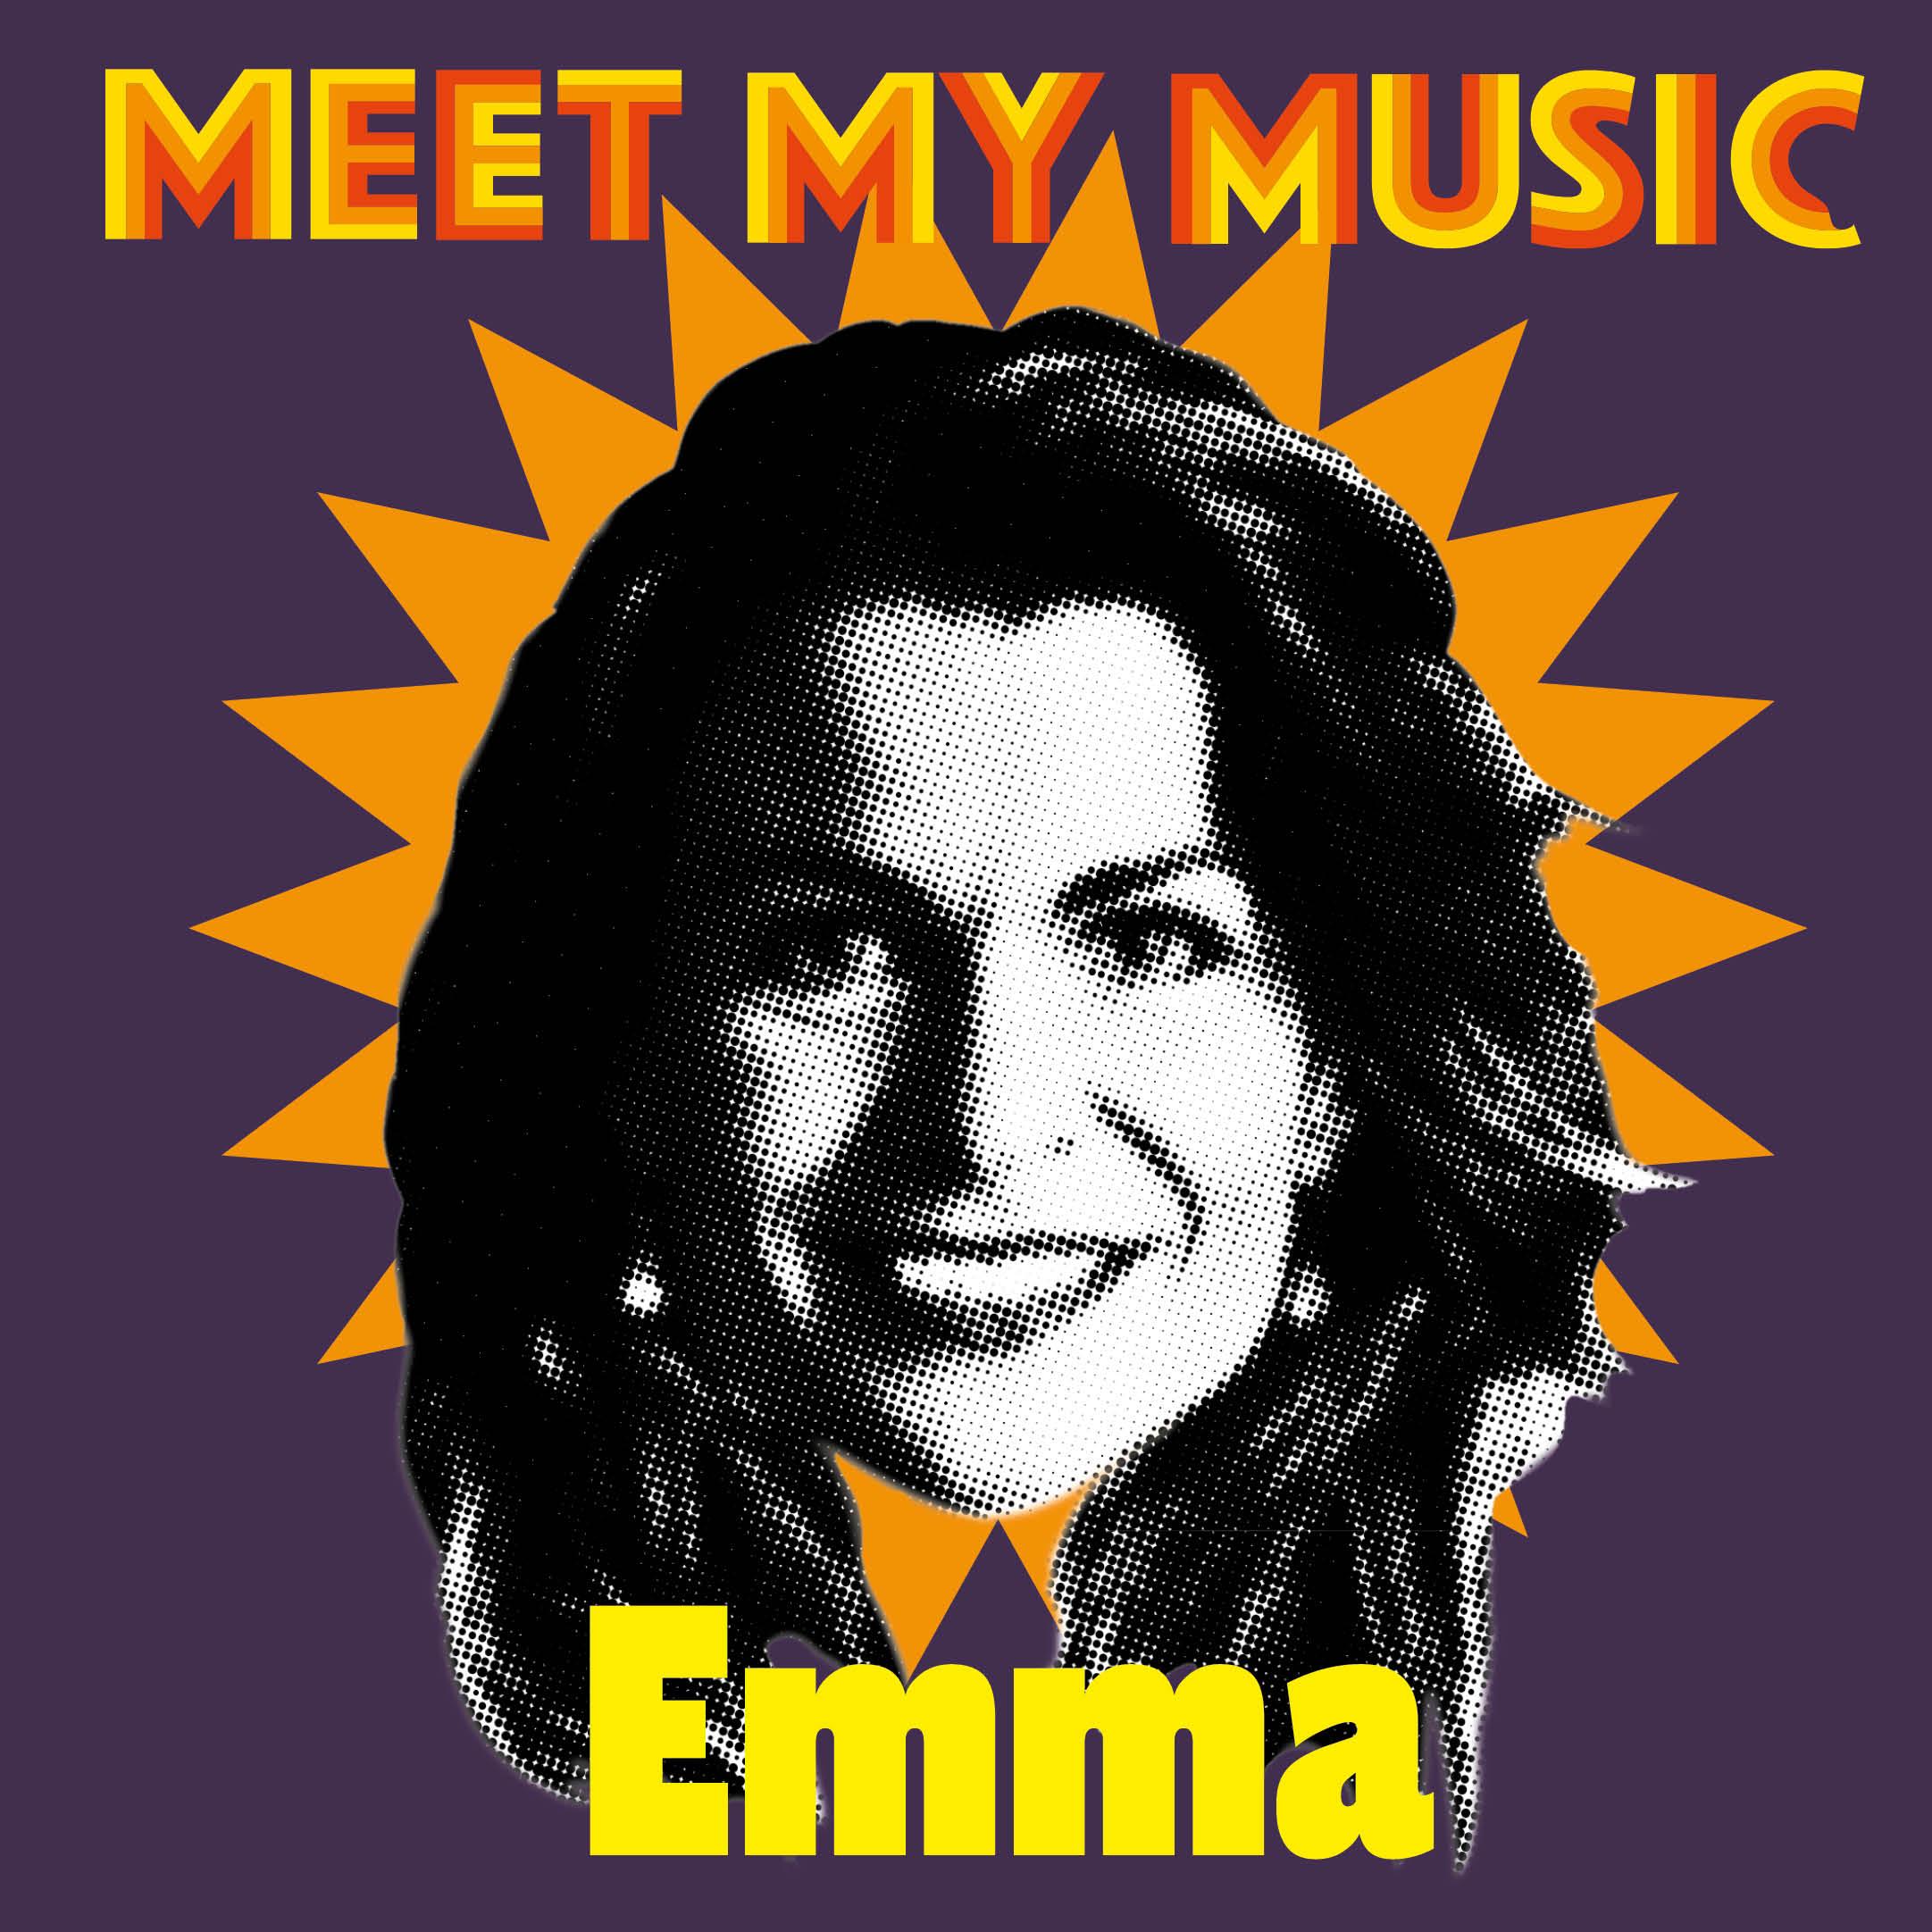 Meet my music Emma 185.jpg